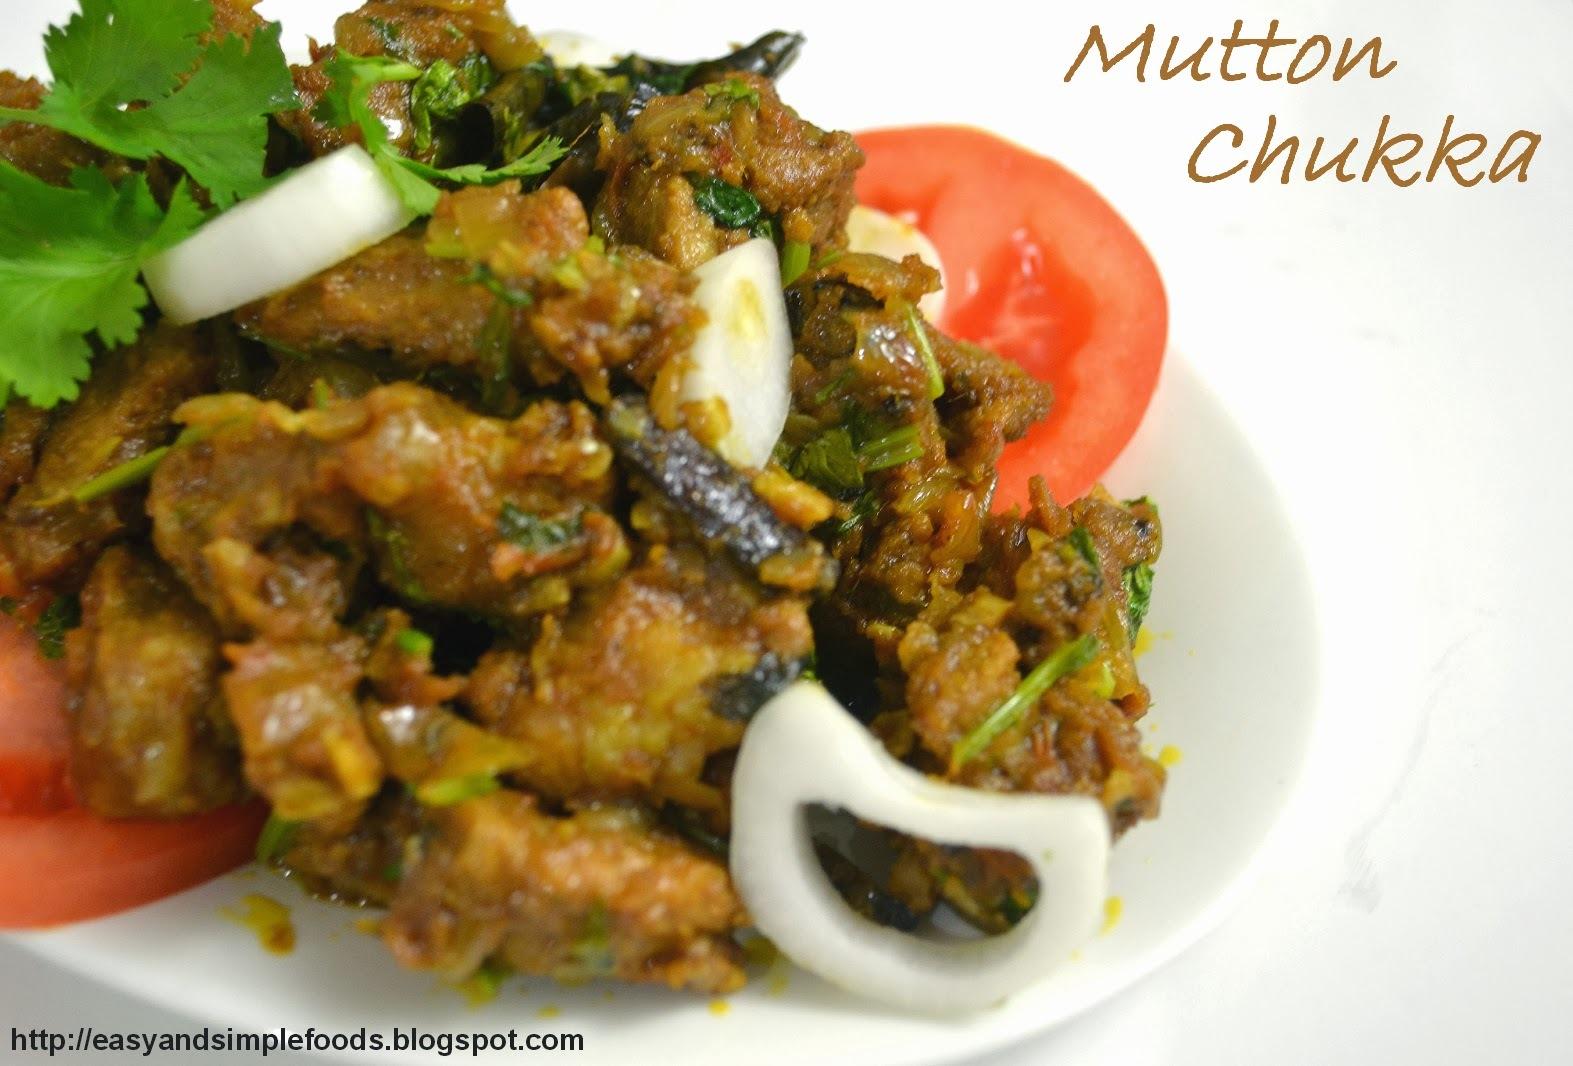 Mutton Chukka